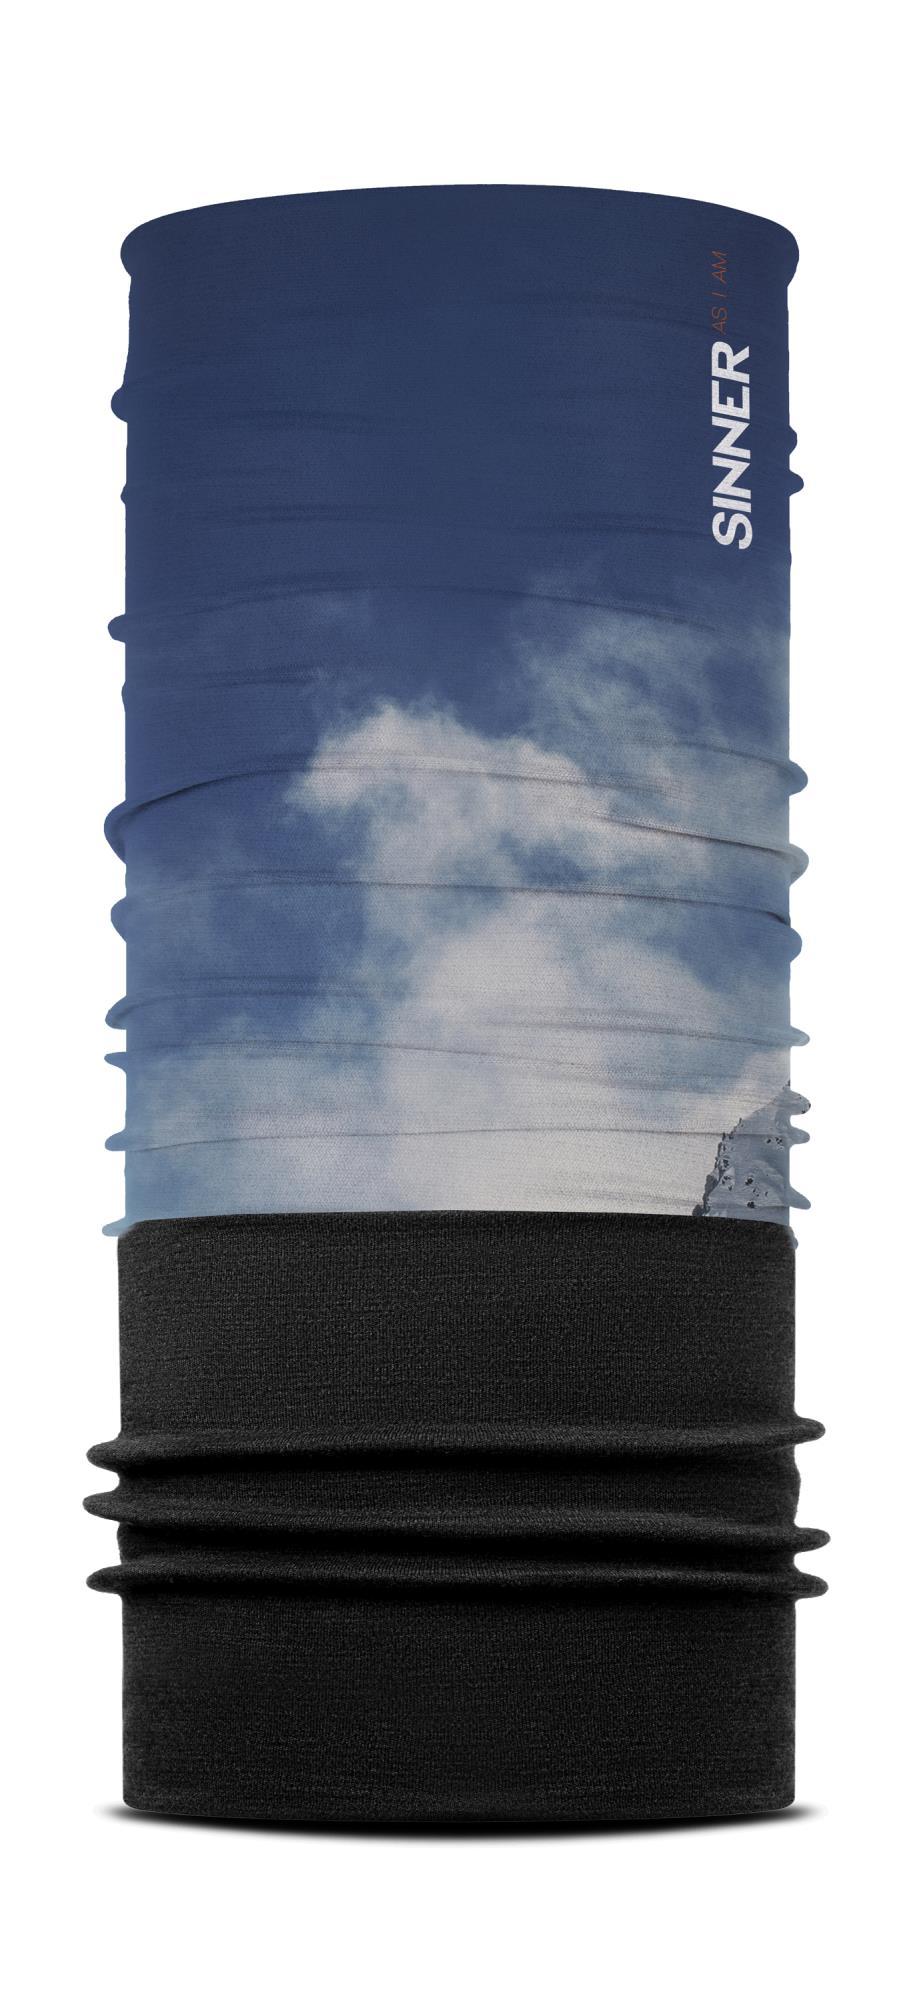 Sinner Fleece Bandana Austria - Blauw-grijs-zwart